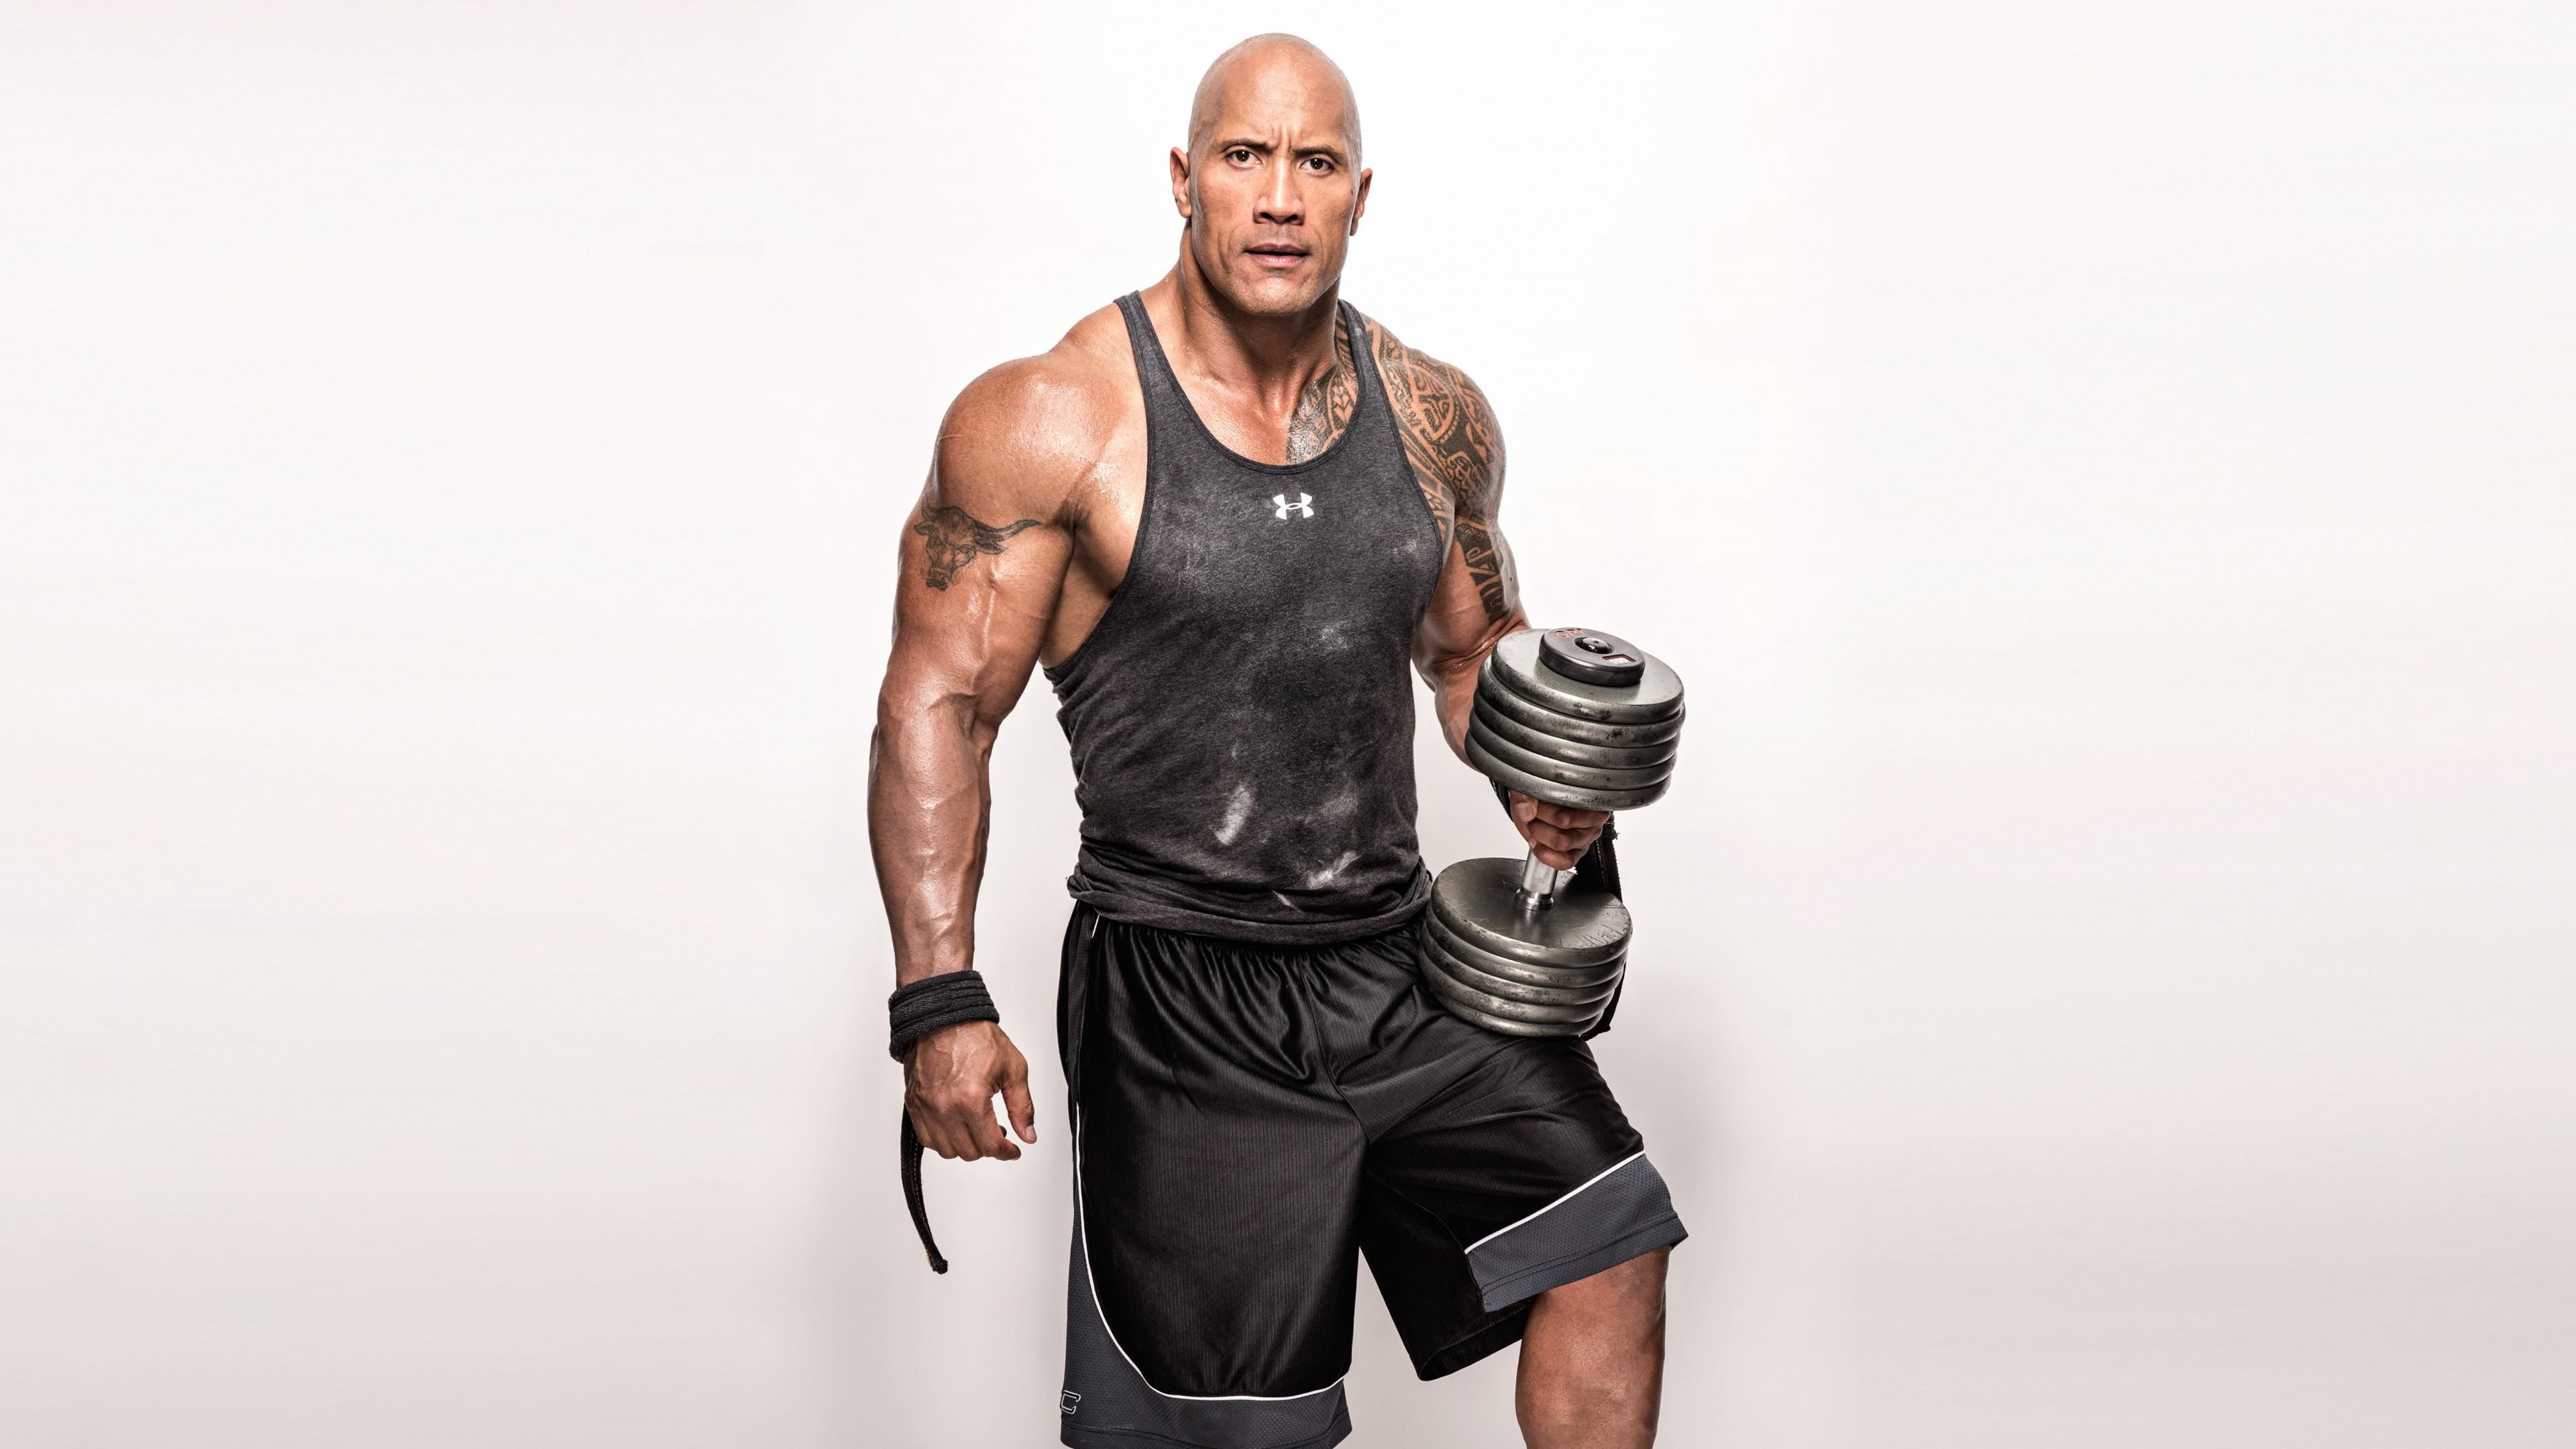 Спортивного телосложения борец с тату на плече и с гантелью в руке